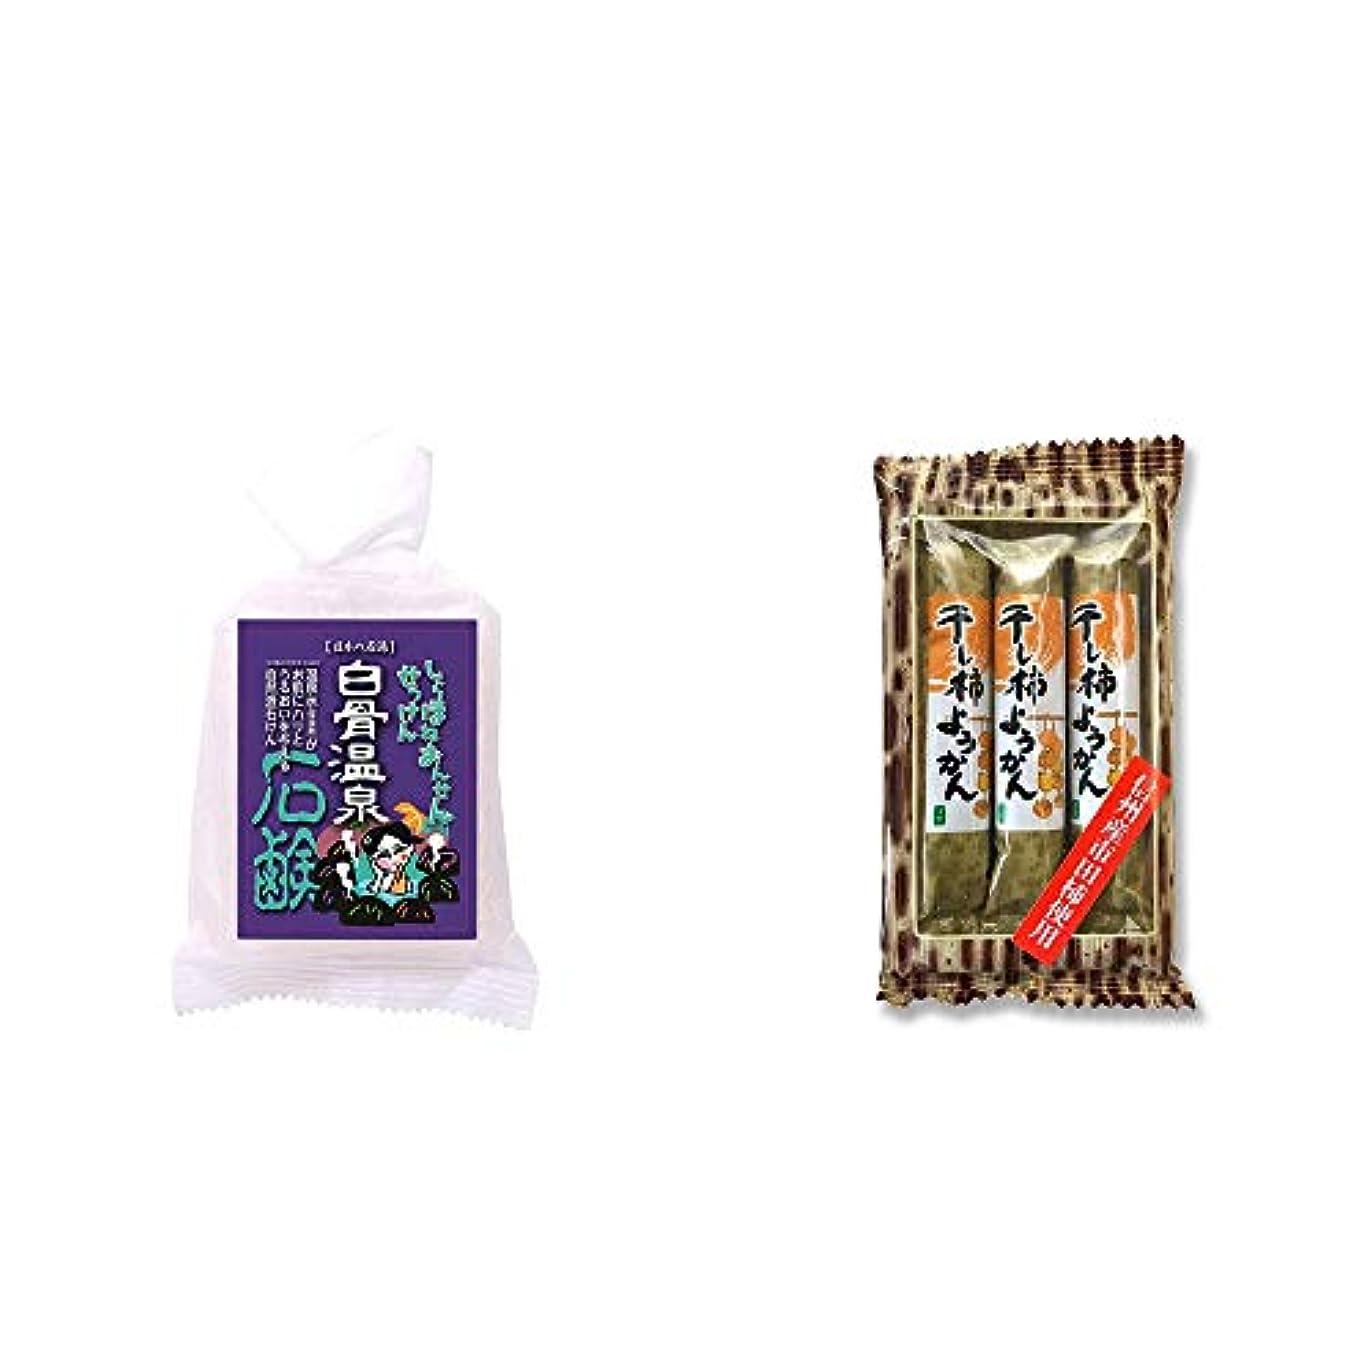 信者おっと鮮やかな[2点セット] 信州 白骨温泉石鹸(80g)?信州産市田柿使用 スティックようかん[柿](50g×3本)